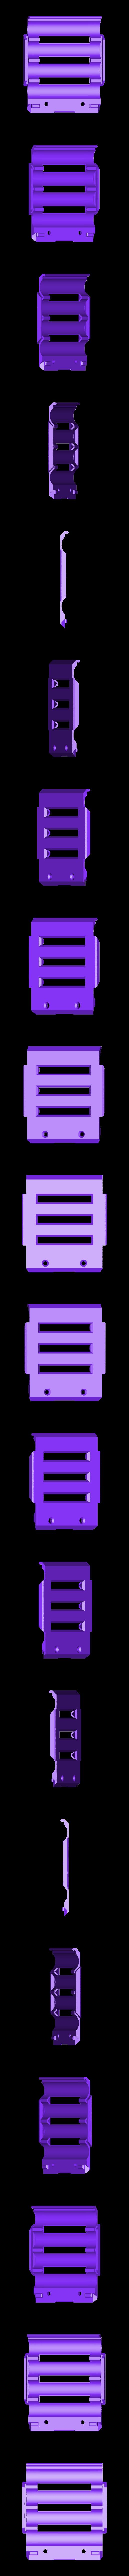 18650_4P_lid_V2_Vented.stl Télécharger fichier STL gratuit NESE, le module V2 sans soudure 18650 (VENTED) • Objet pour imprimante 3D, 18650